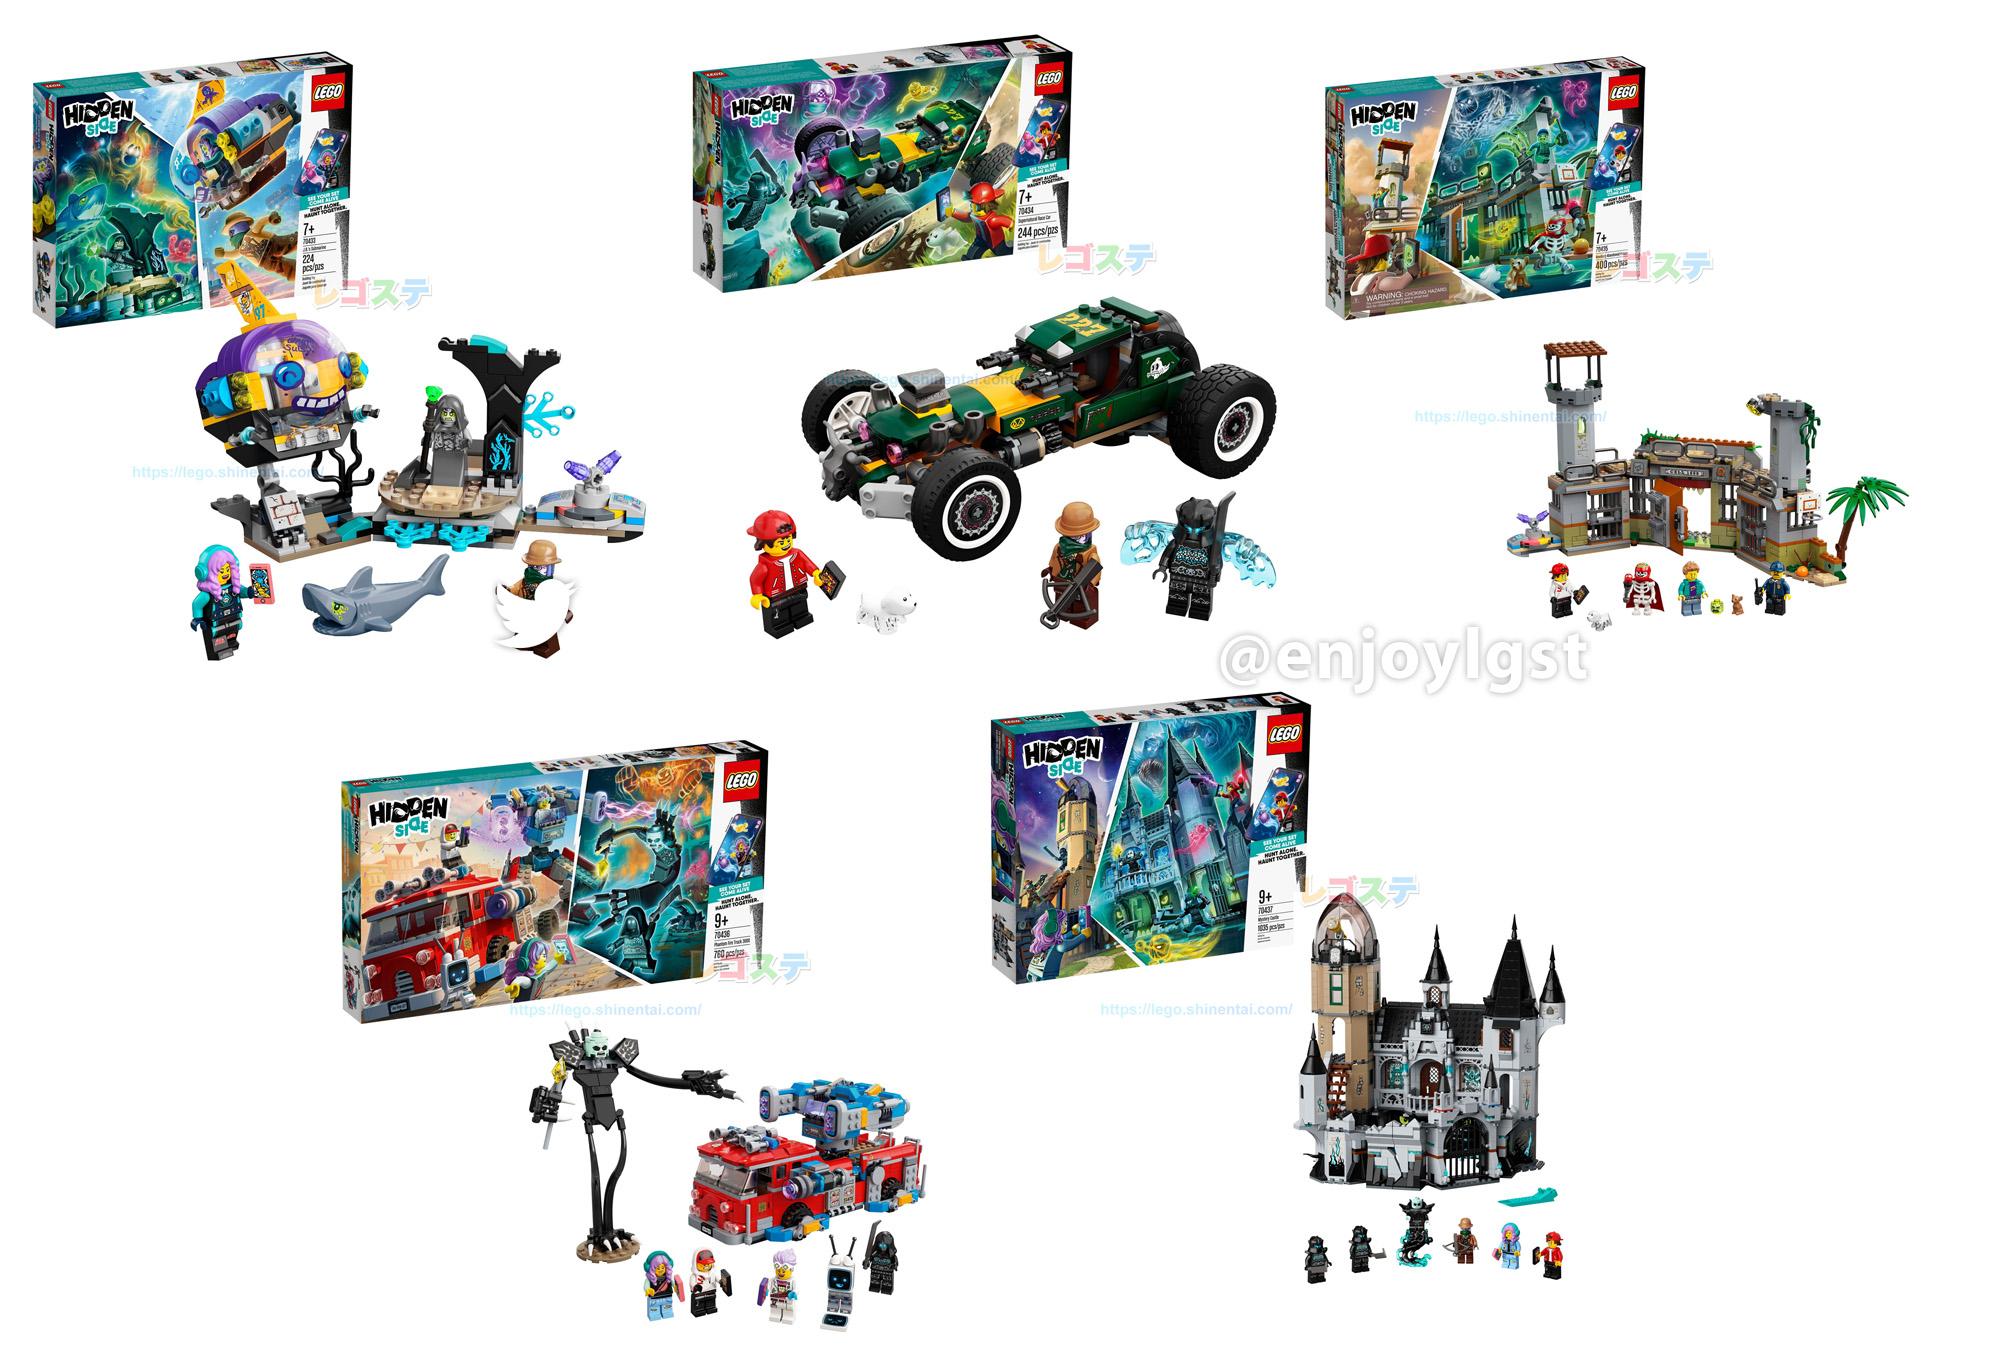 恒例企画:10/1(木)発売レゴ新製品を確実に買う方法!2020版